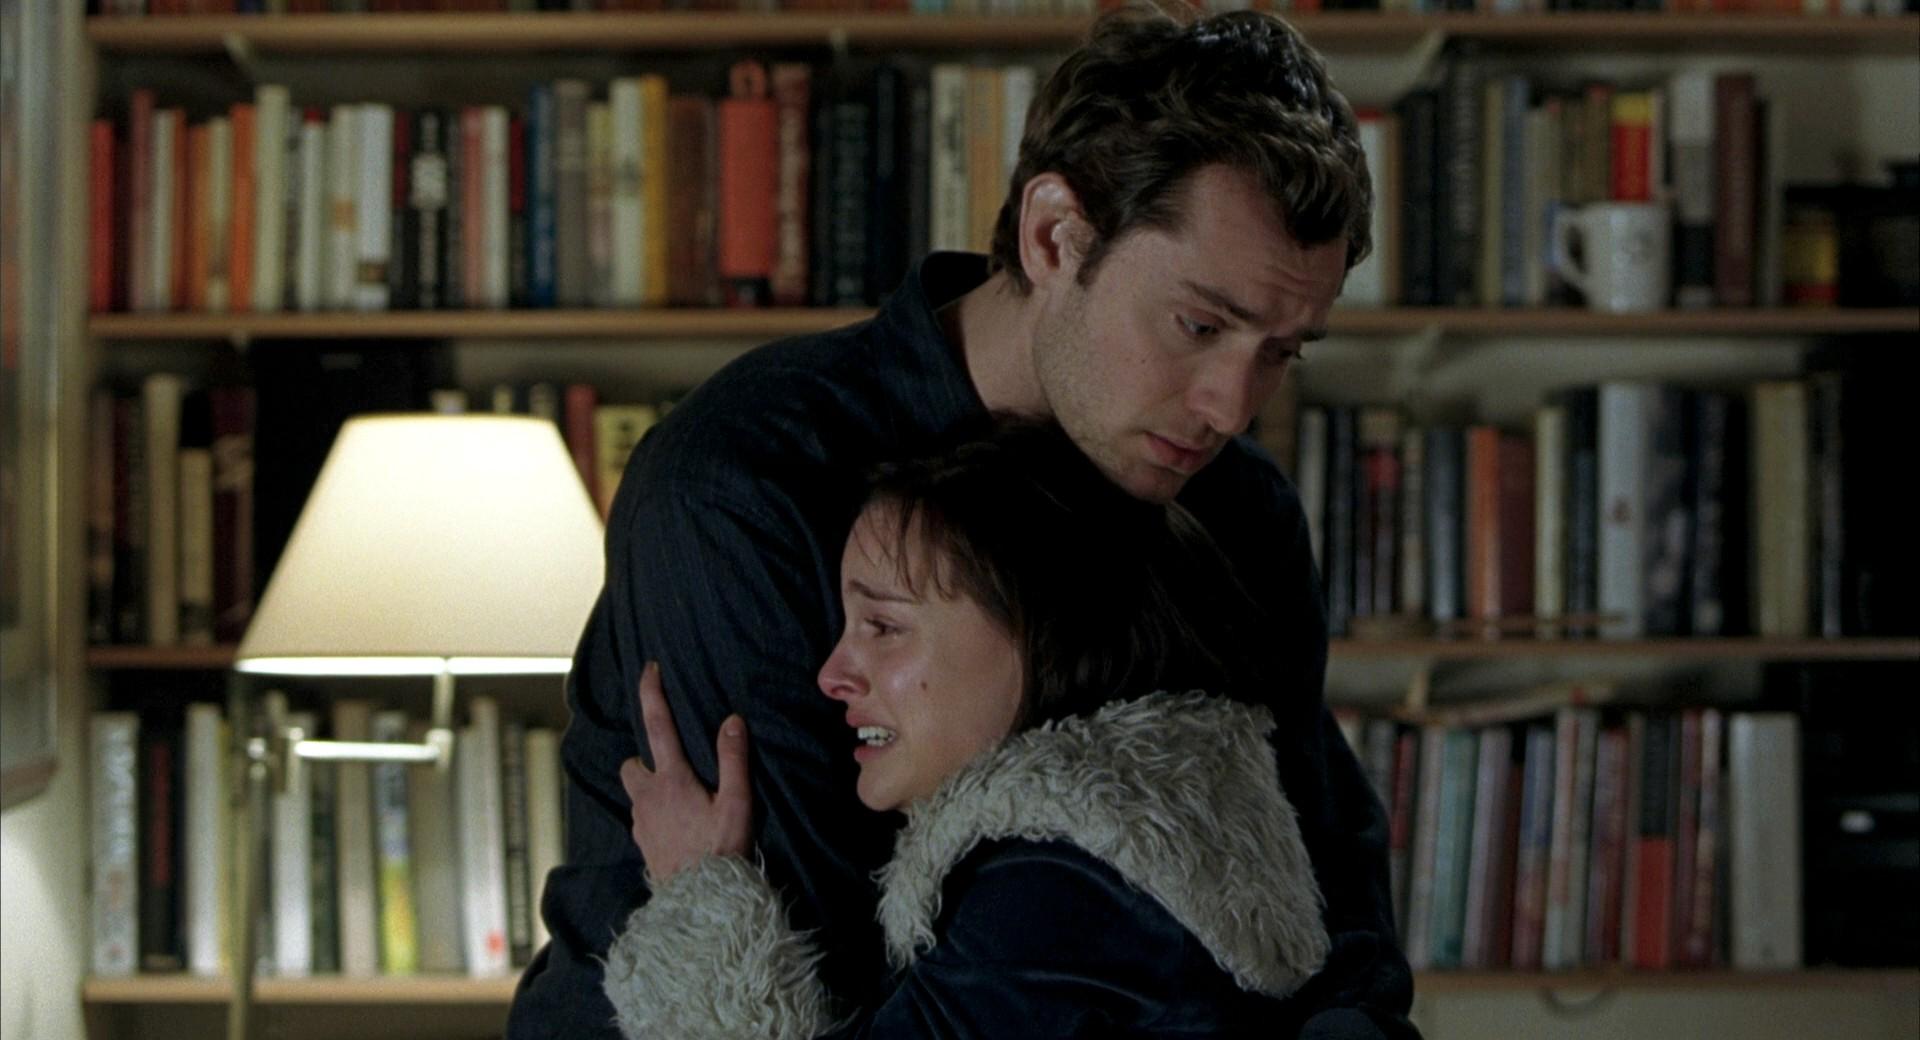 Chico abrazando a chica mientras llora